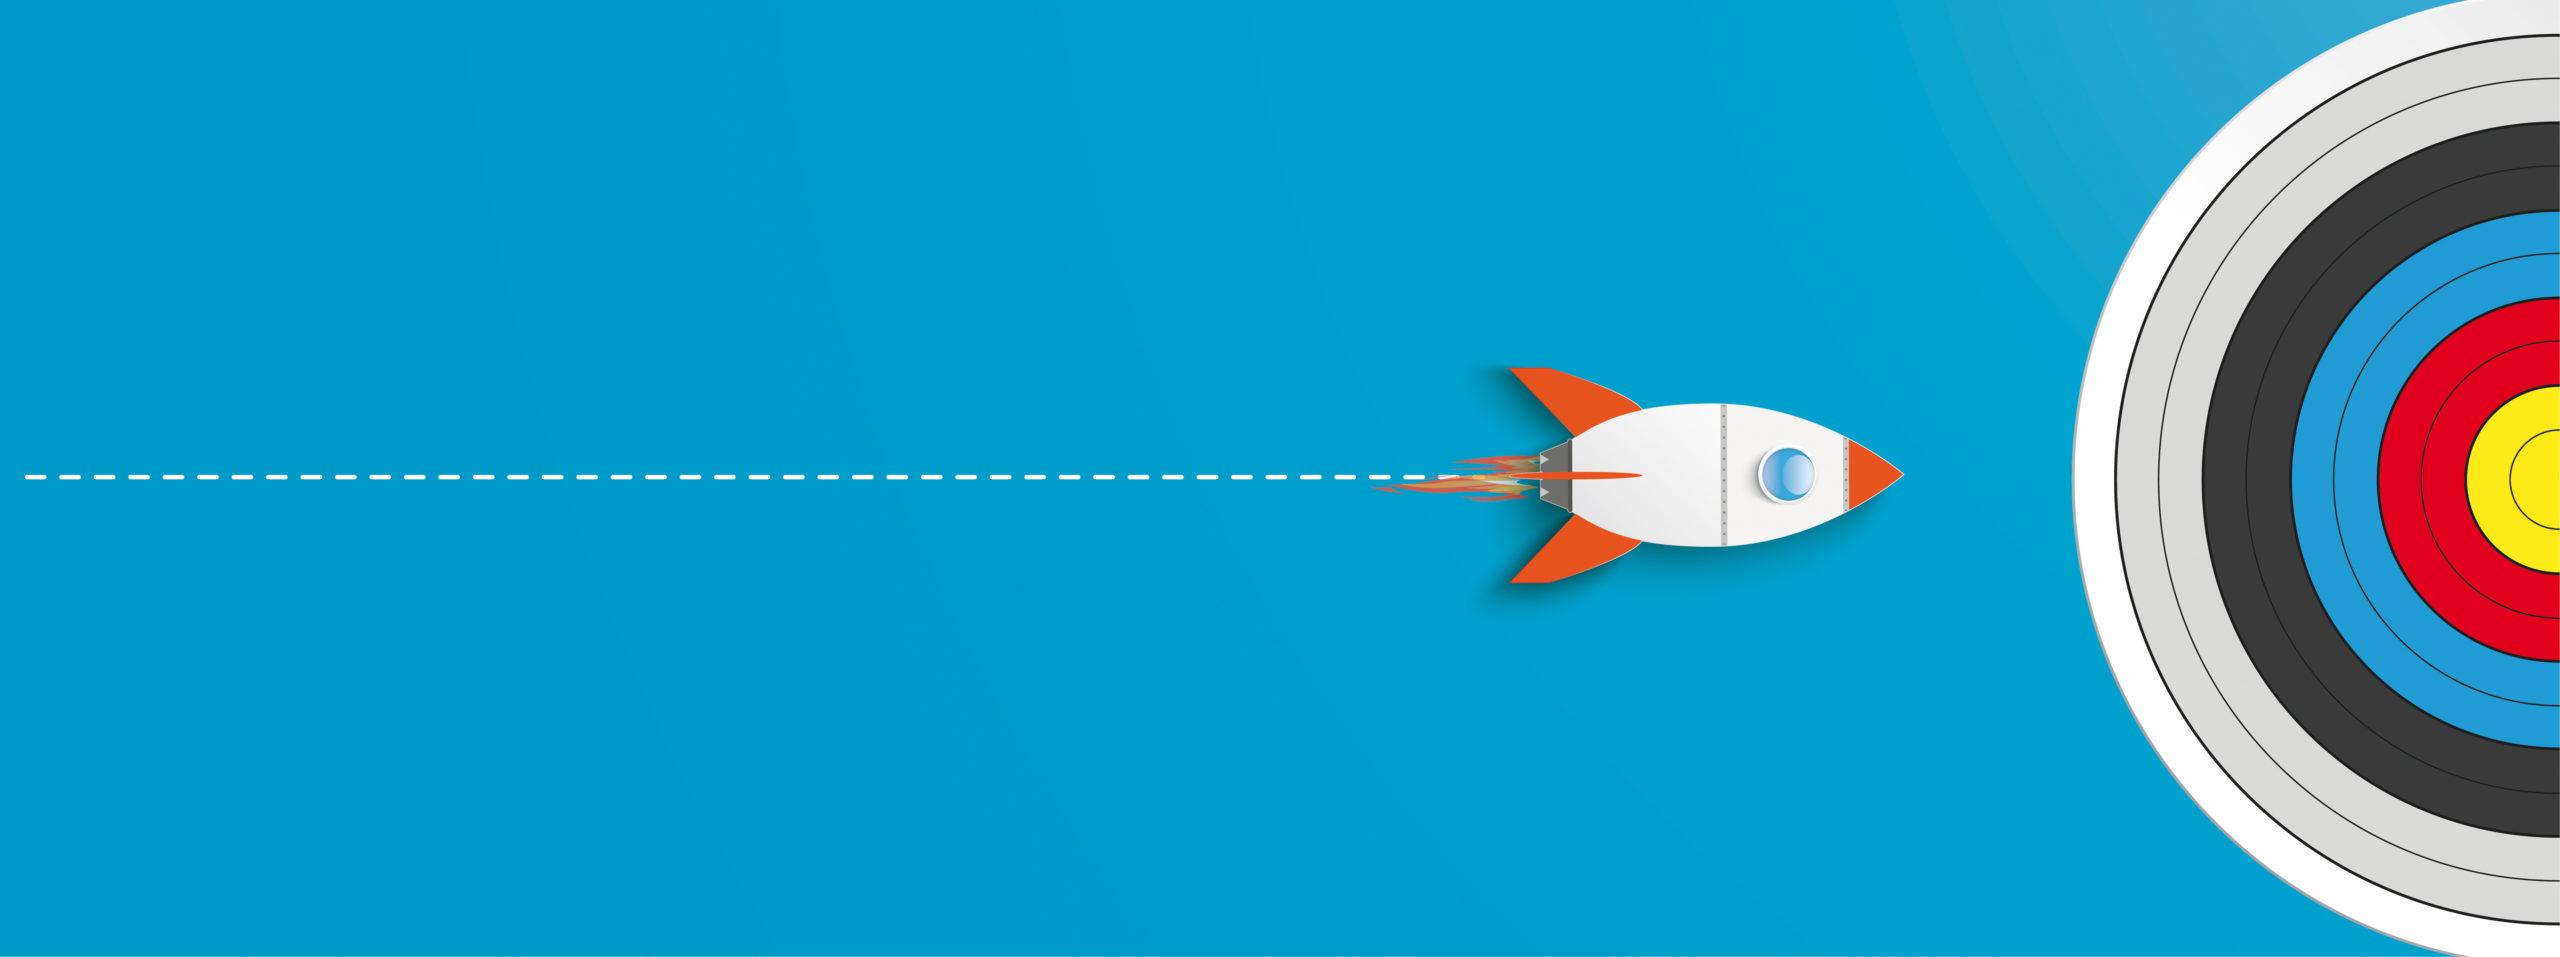 Kenne das Ziel für Marketing Automation bei virtuellen Events